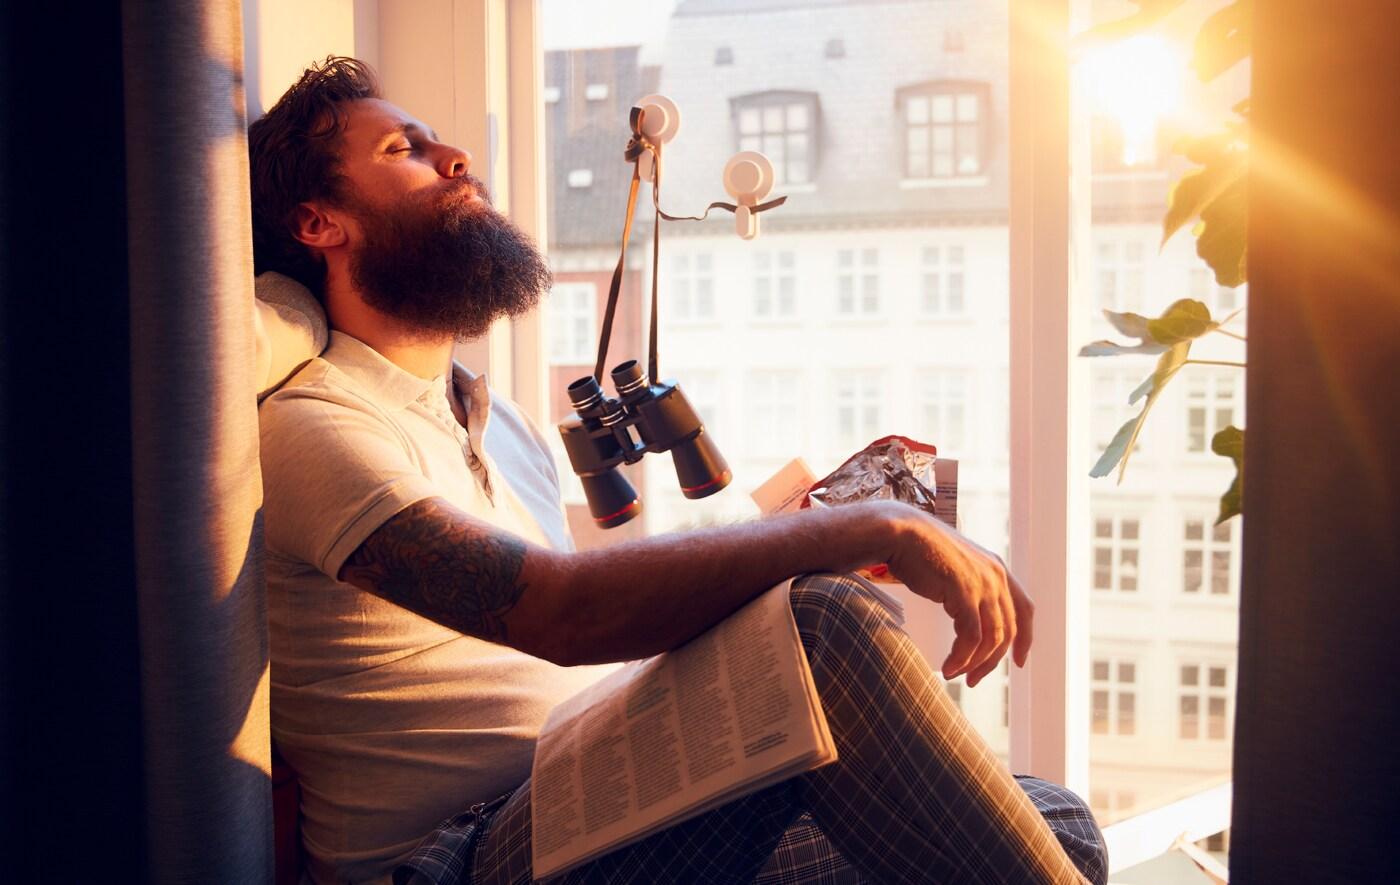 Ein Mann mit Bart sitzt auf einer breiten Fensterbank in der Sonne und lehnt den Kopf an die Wand. Im Hintergrund ist ein Mehretagenhaus zu sehen.